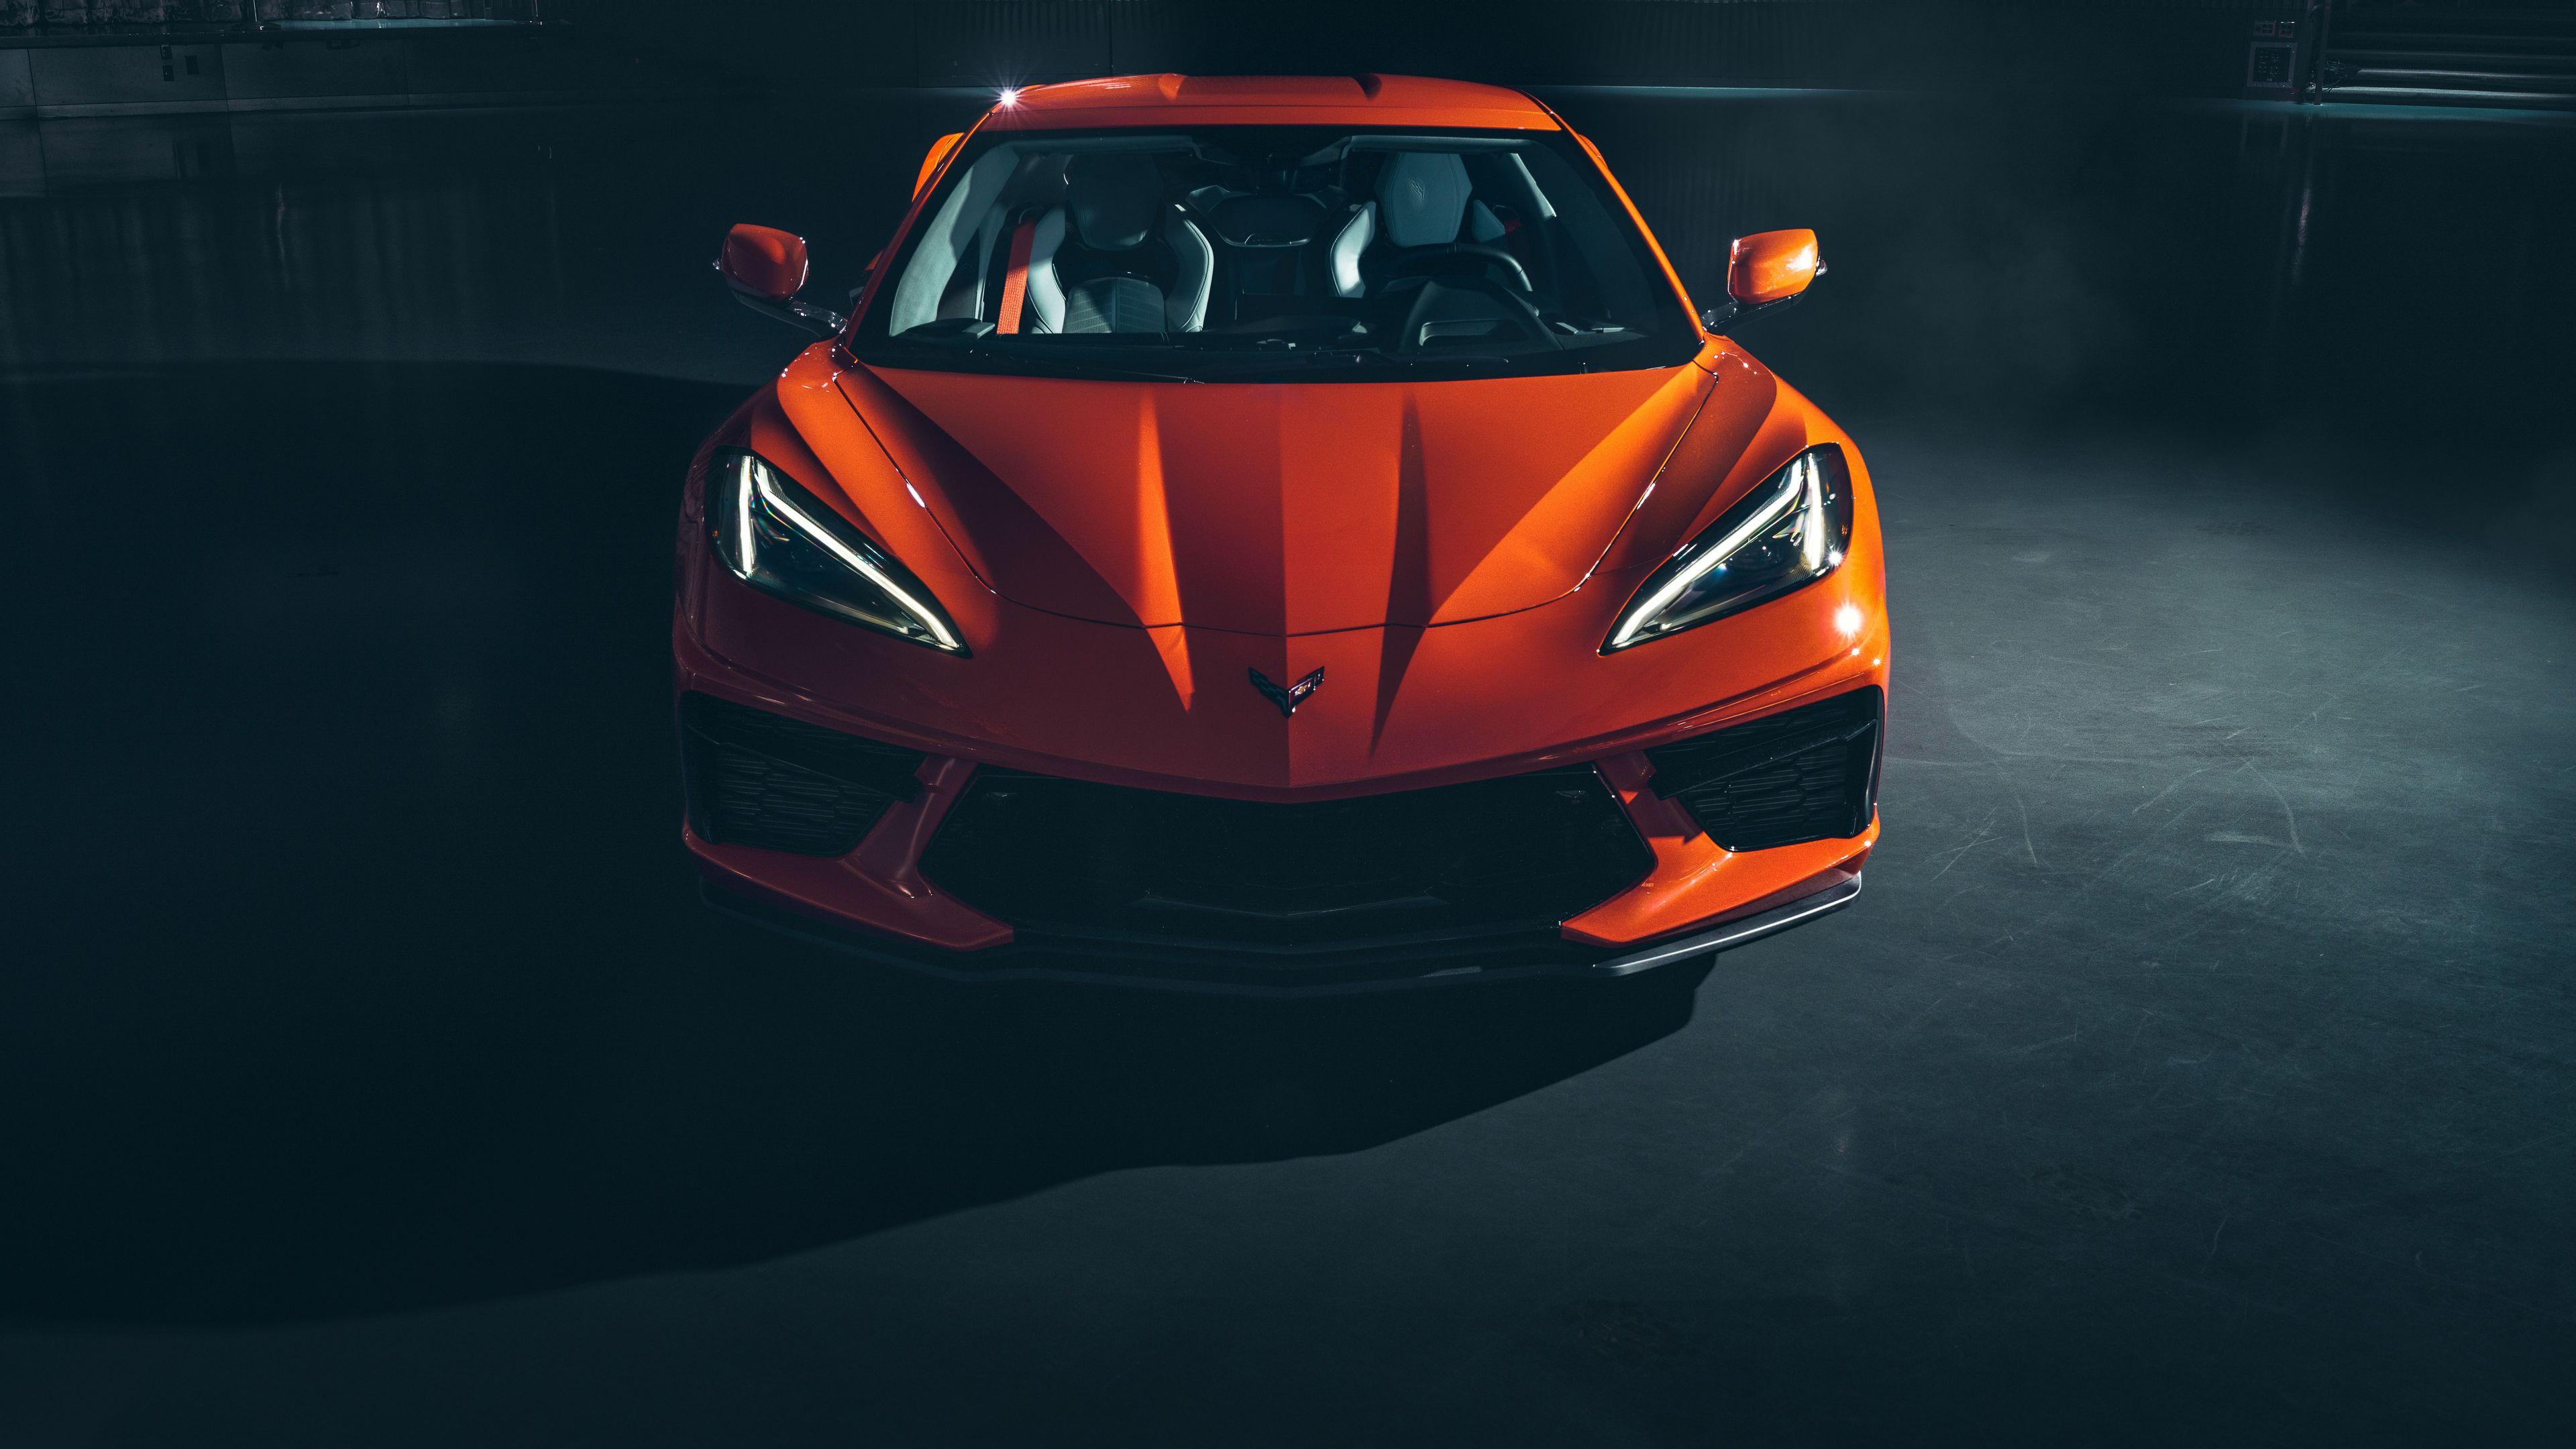 2020 chevrolet corvette stingray c8 front 1565054940 - 2020 Chevrolet Corvette Stingray C8 Front - hd-wallpapers, corvette wallpapers, chevrolet wallpapers, chevrolet corvette stingray c8 wallpapers, cars wallpapers, 8k wallpapers, 5k wallpapers, 4k-wallpapers, 2020 cars wallpapers